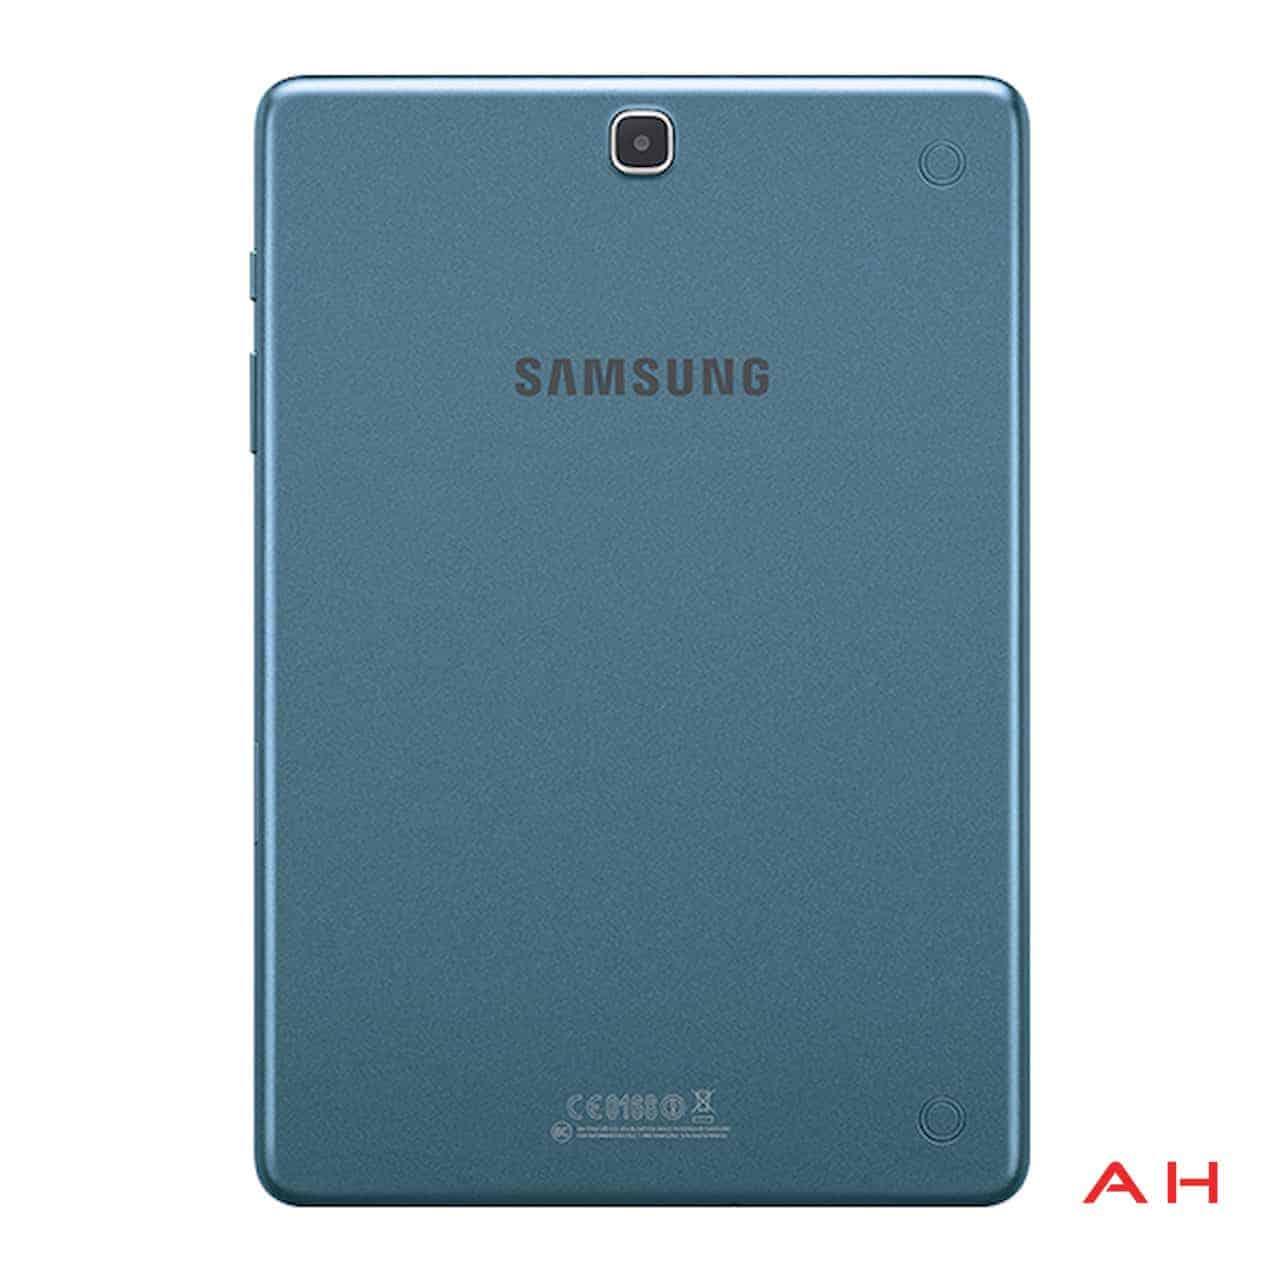 AH Samsung Galaxy Tab A 2